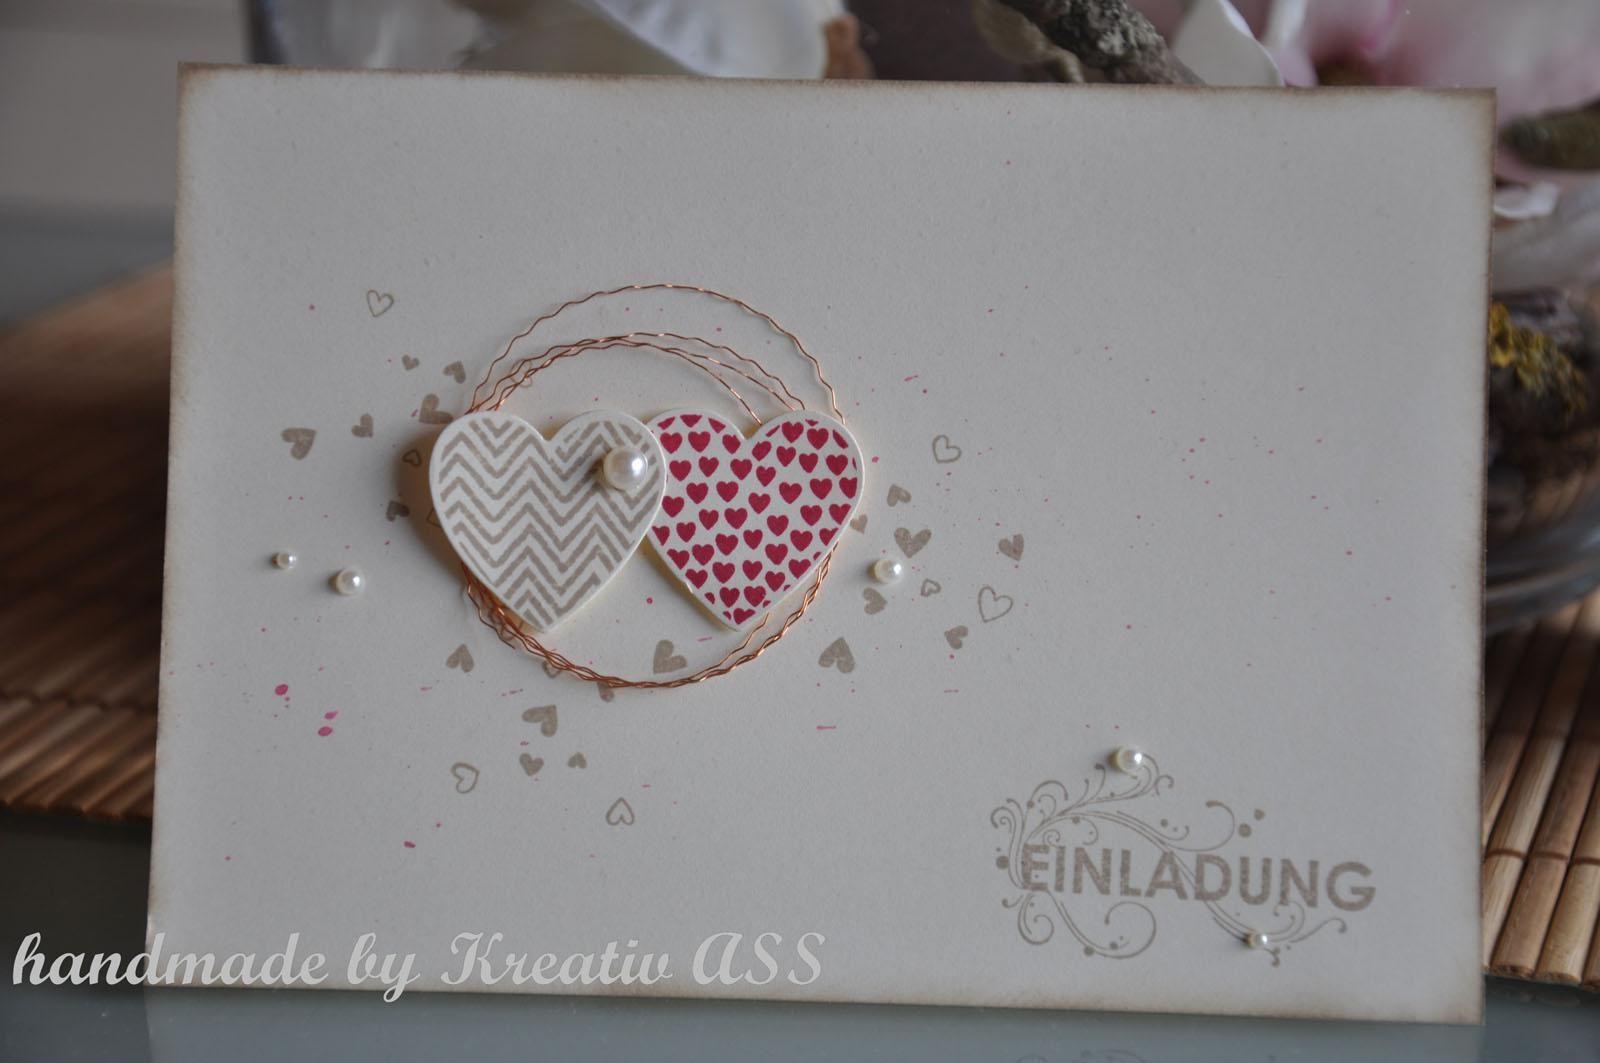 Schön Einladungskarten Zur Hochzeit Text Order Einladungskarten Zur Goldenen Hochzeit  Selber Machen